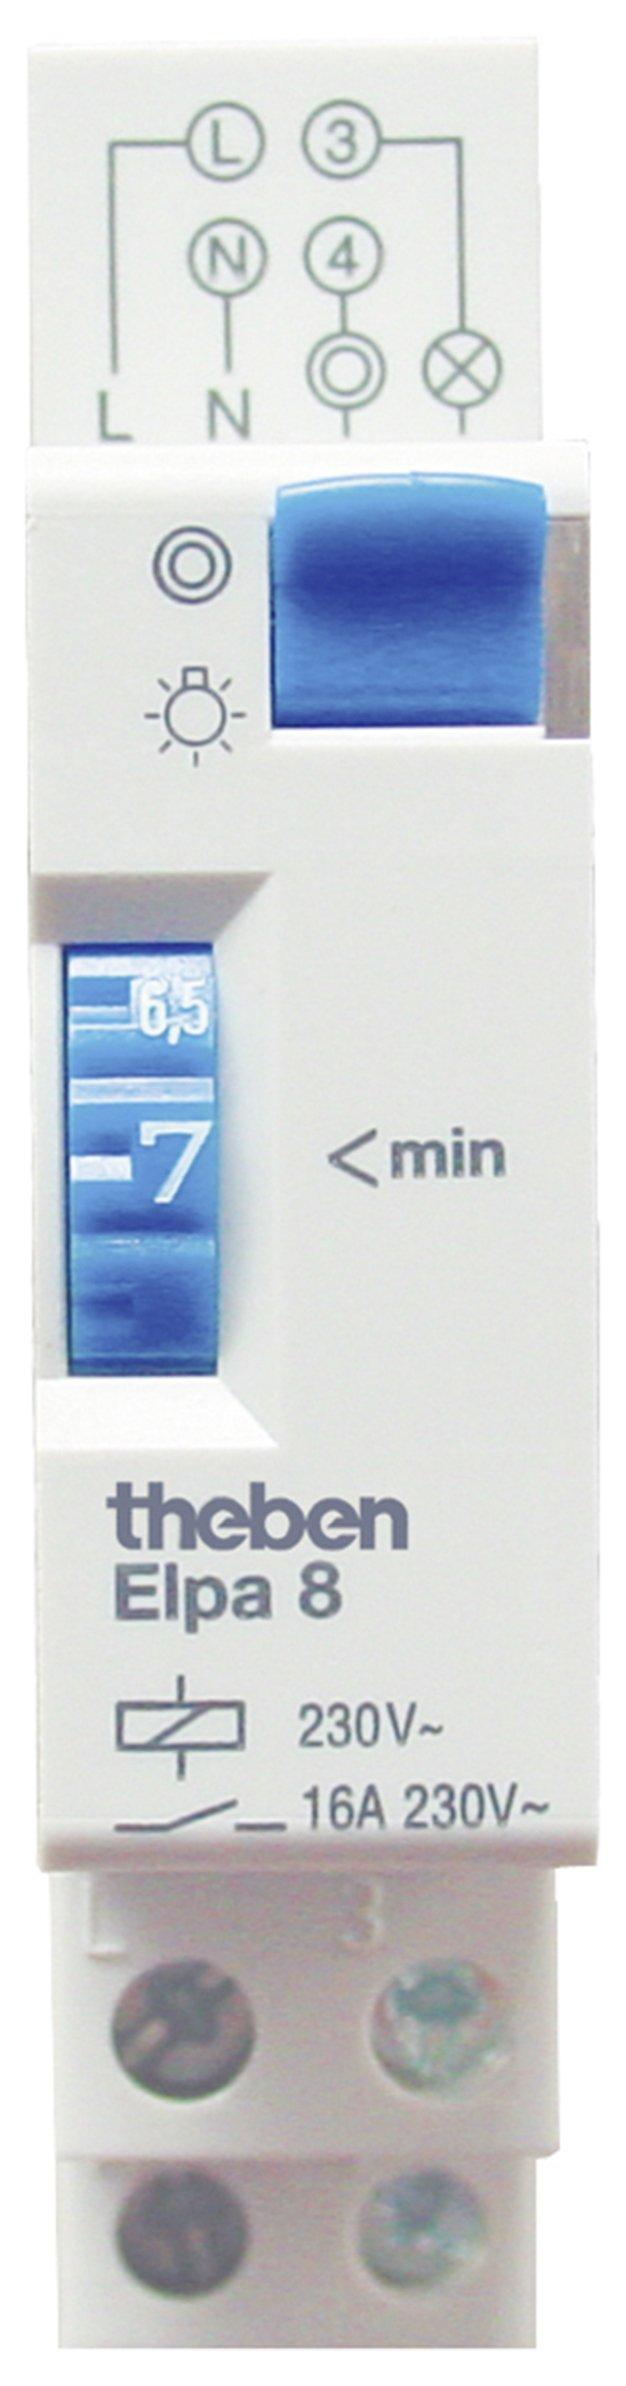 Theben ELPA 8 - Temporizador para luz de la escalera product image